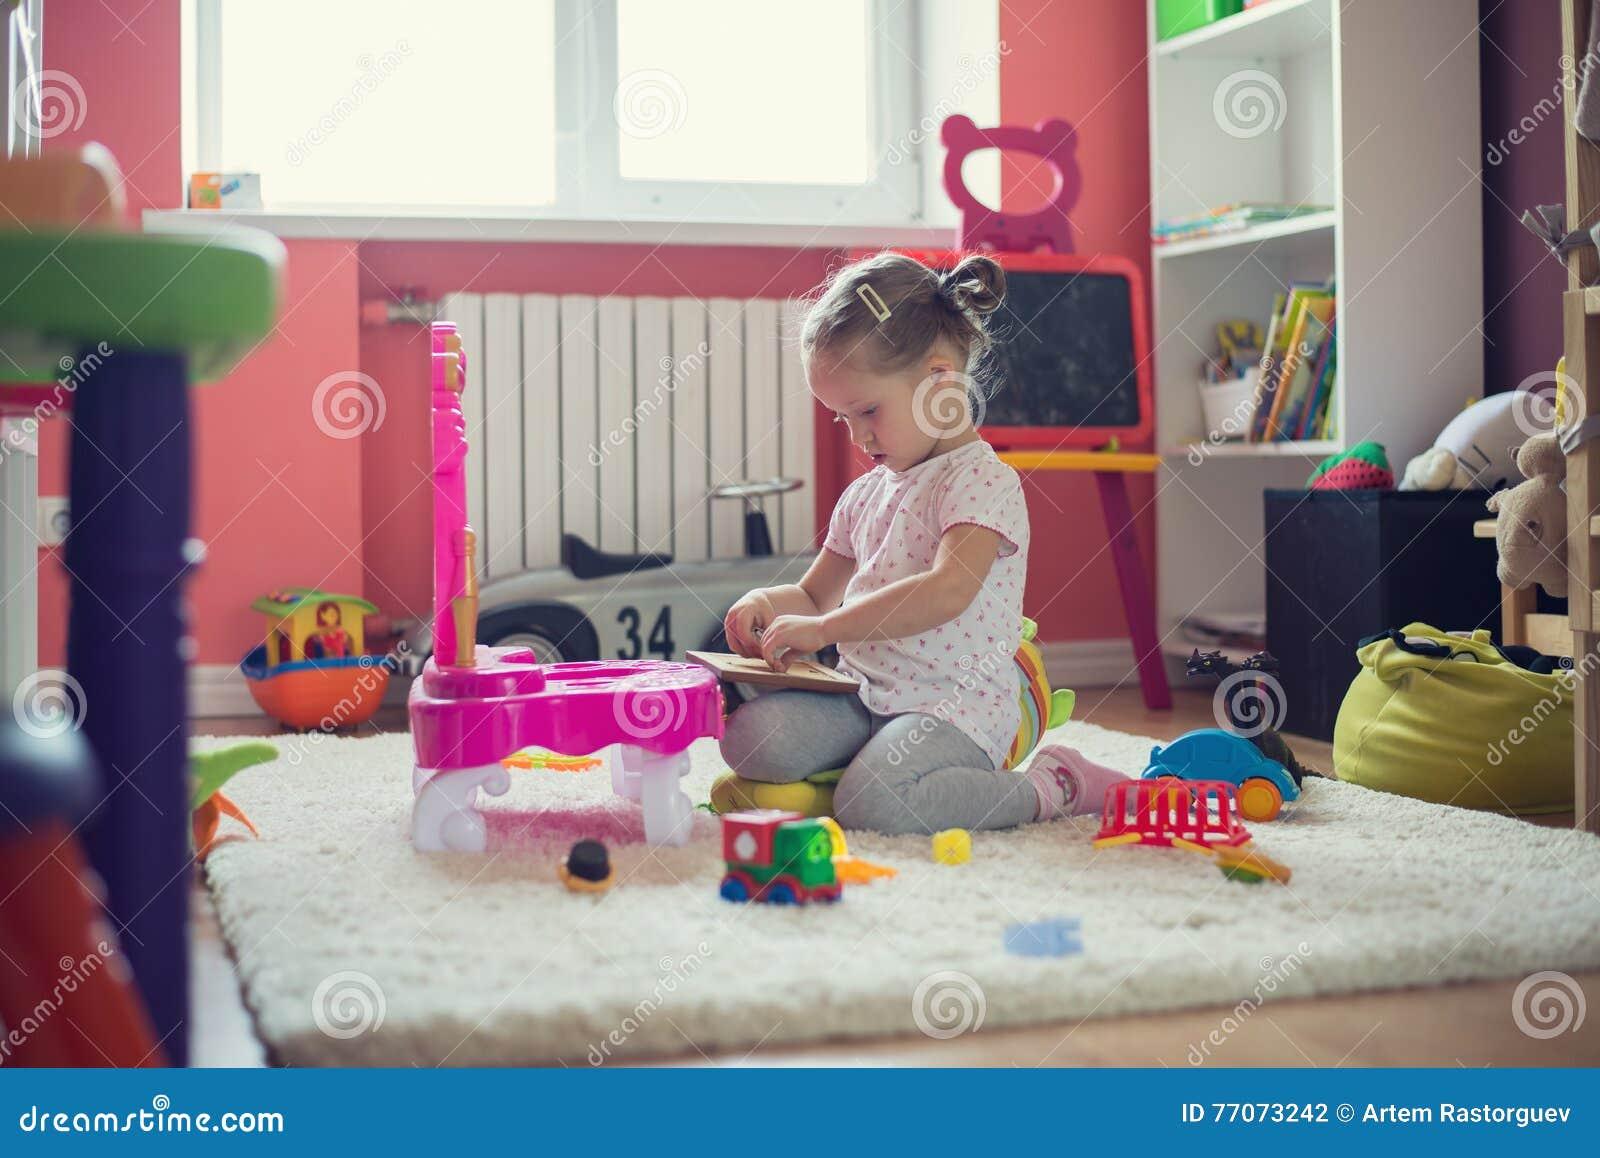 Dziewczyna bawić się z zabawkami w dziecko pokoju